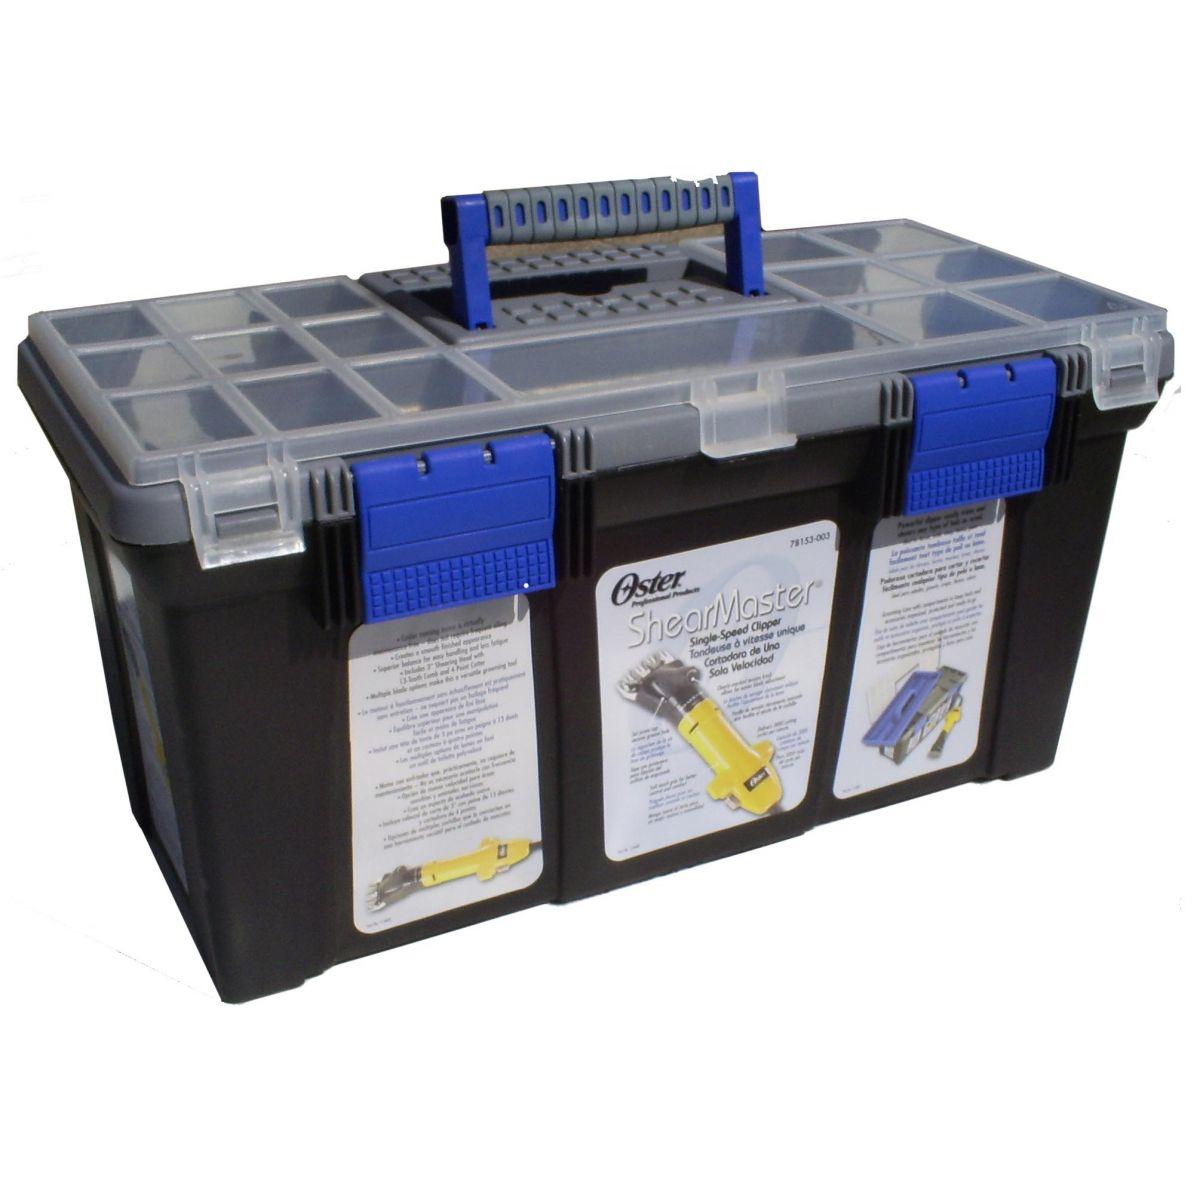 *Máquina de Tosquia Shearmaster 1 veloc. 220V - Oster - Tosquiadeira Ovinos/Caprinos  - ElanTrade Máquinas e Equipamentos para Estética Animal